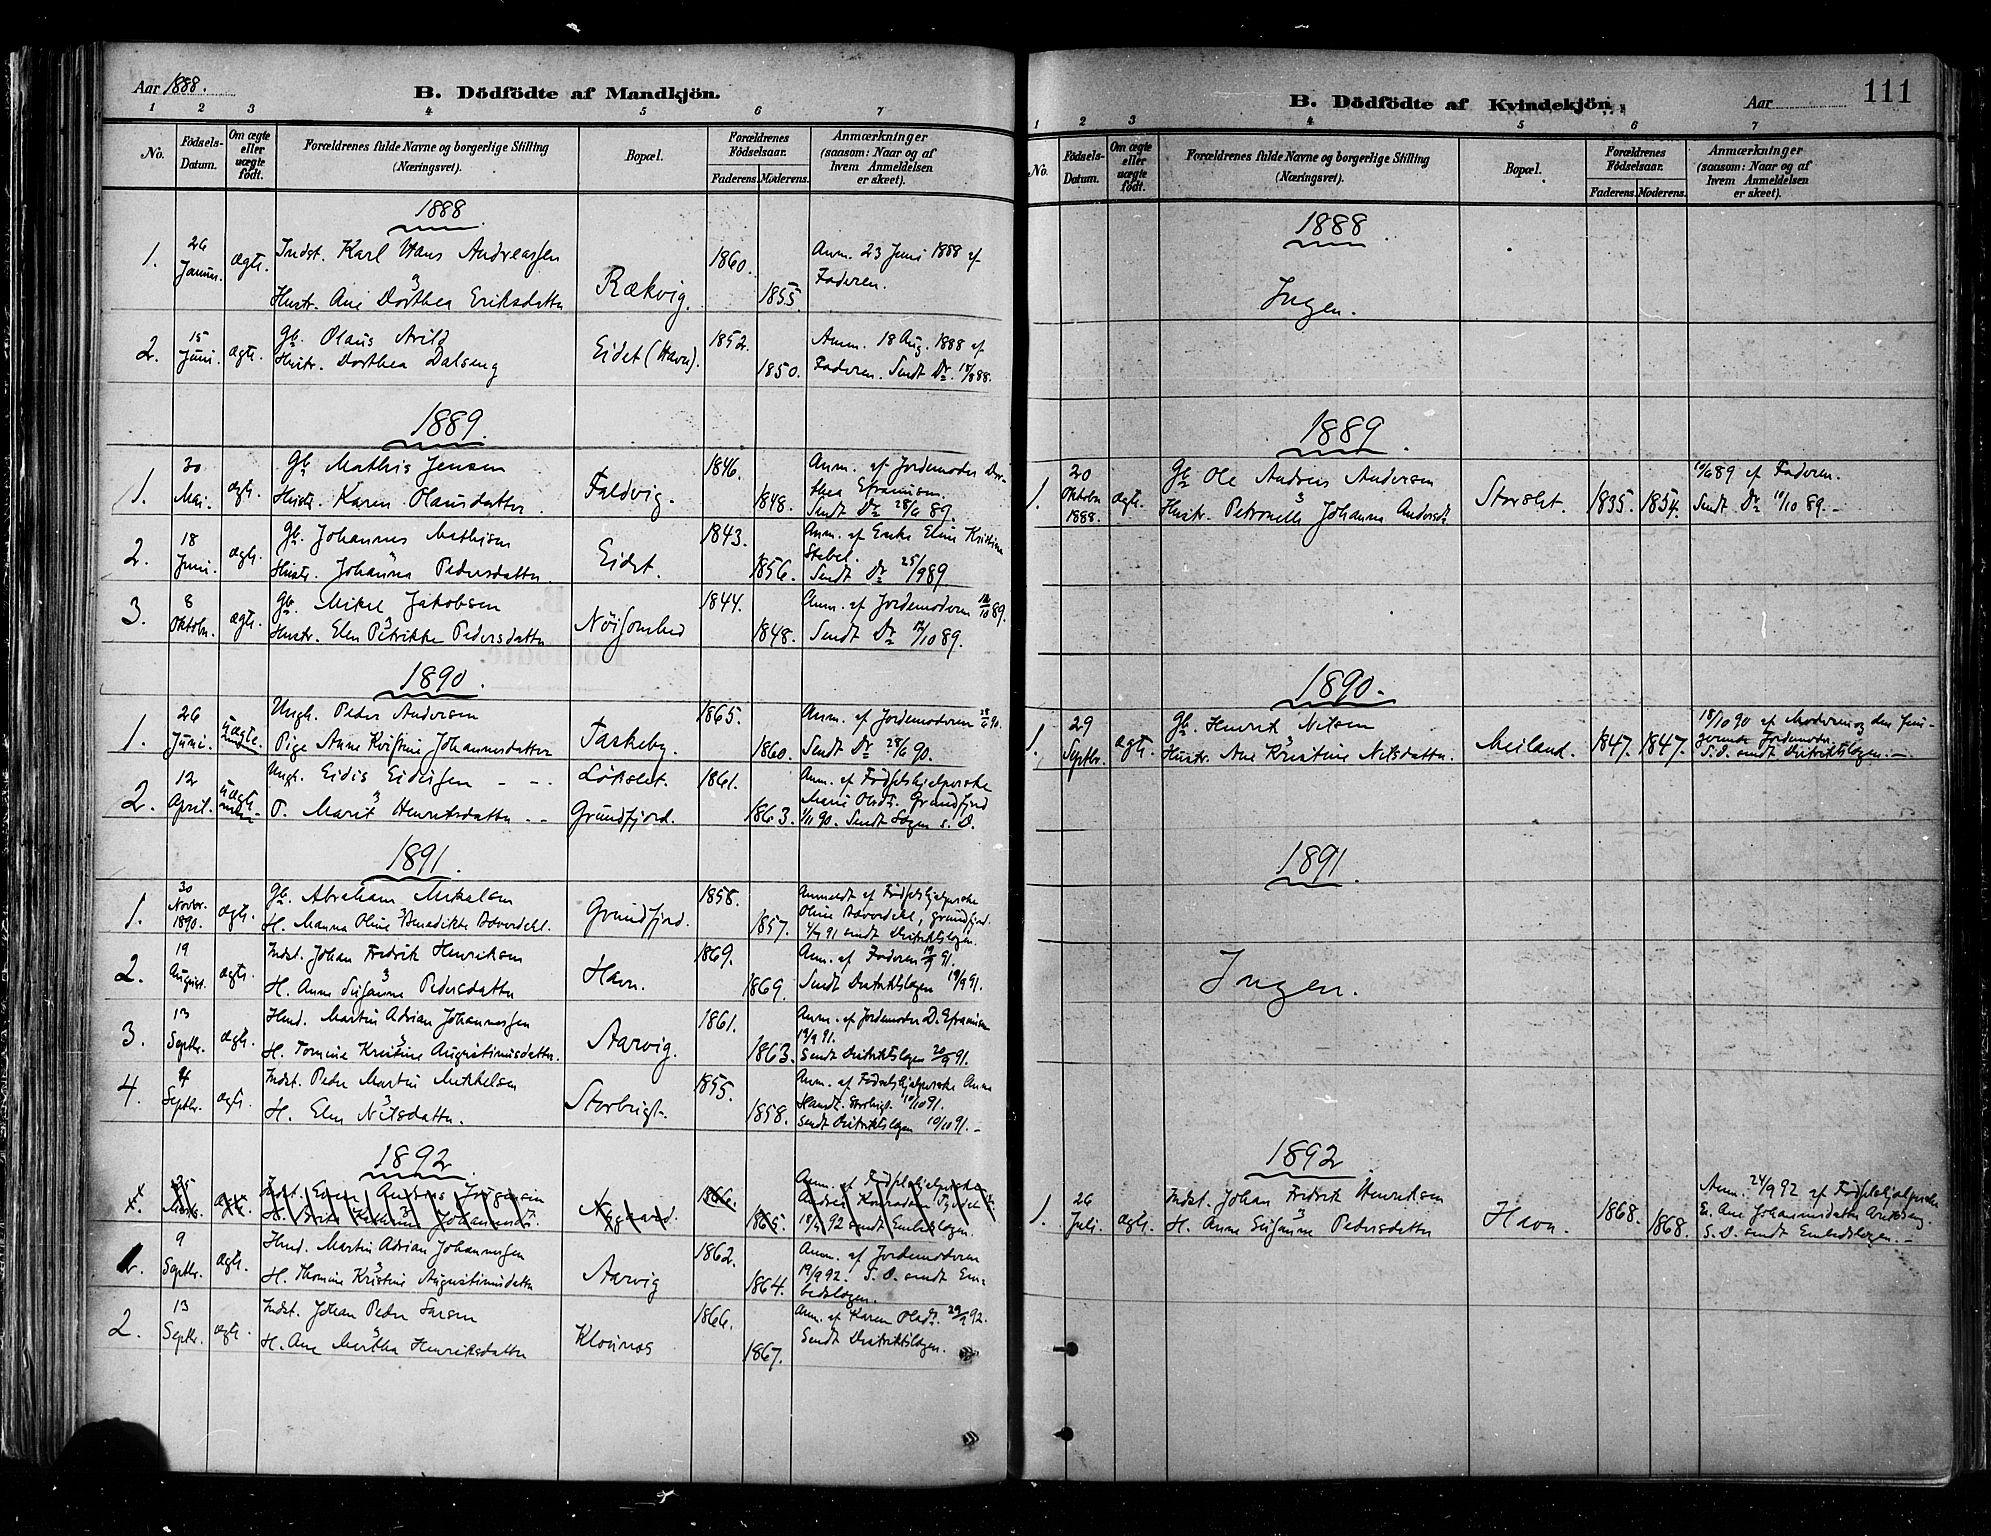 SATØ, Skjervøy sokneprestkontor, H/Ha/Haa/L0010kirke: Parish register (official) no. 10, 1887-1898, p. 111